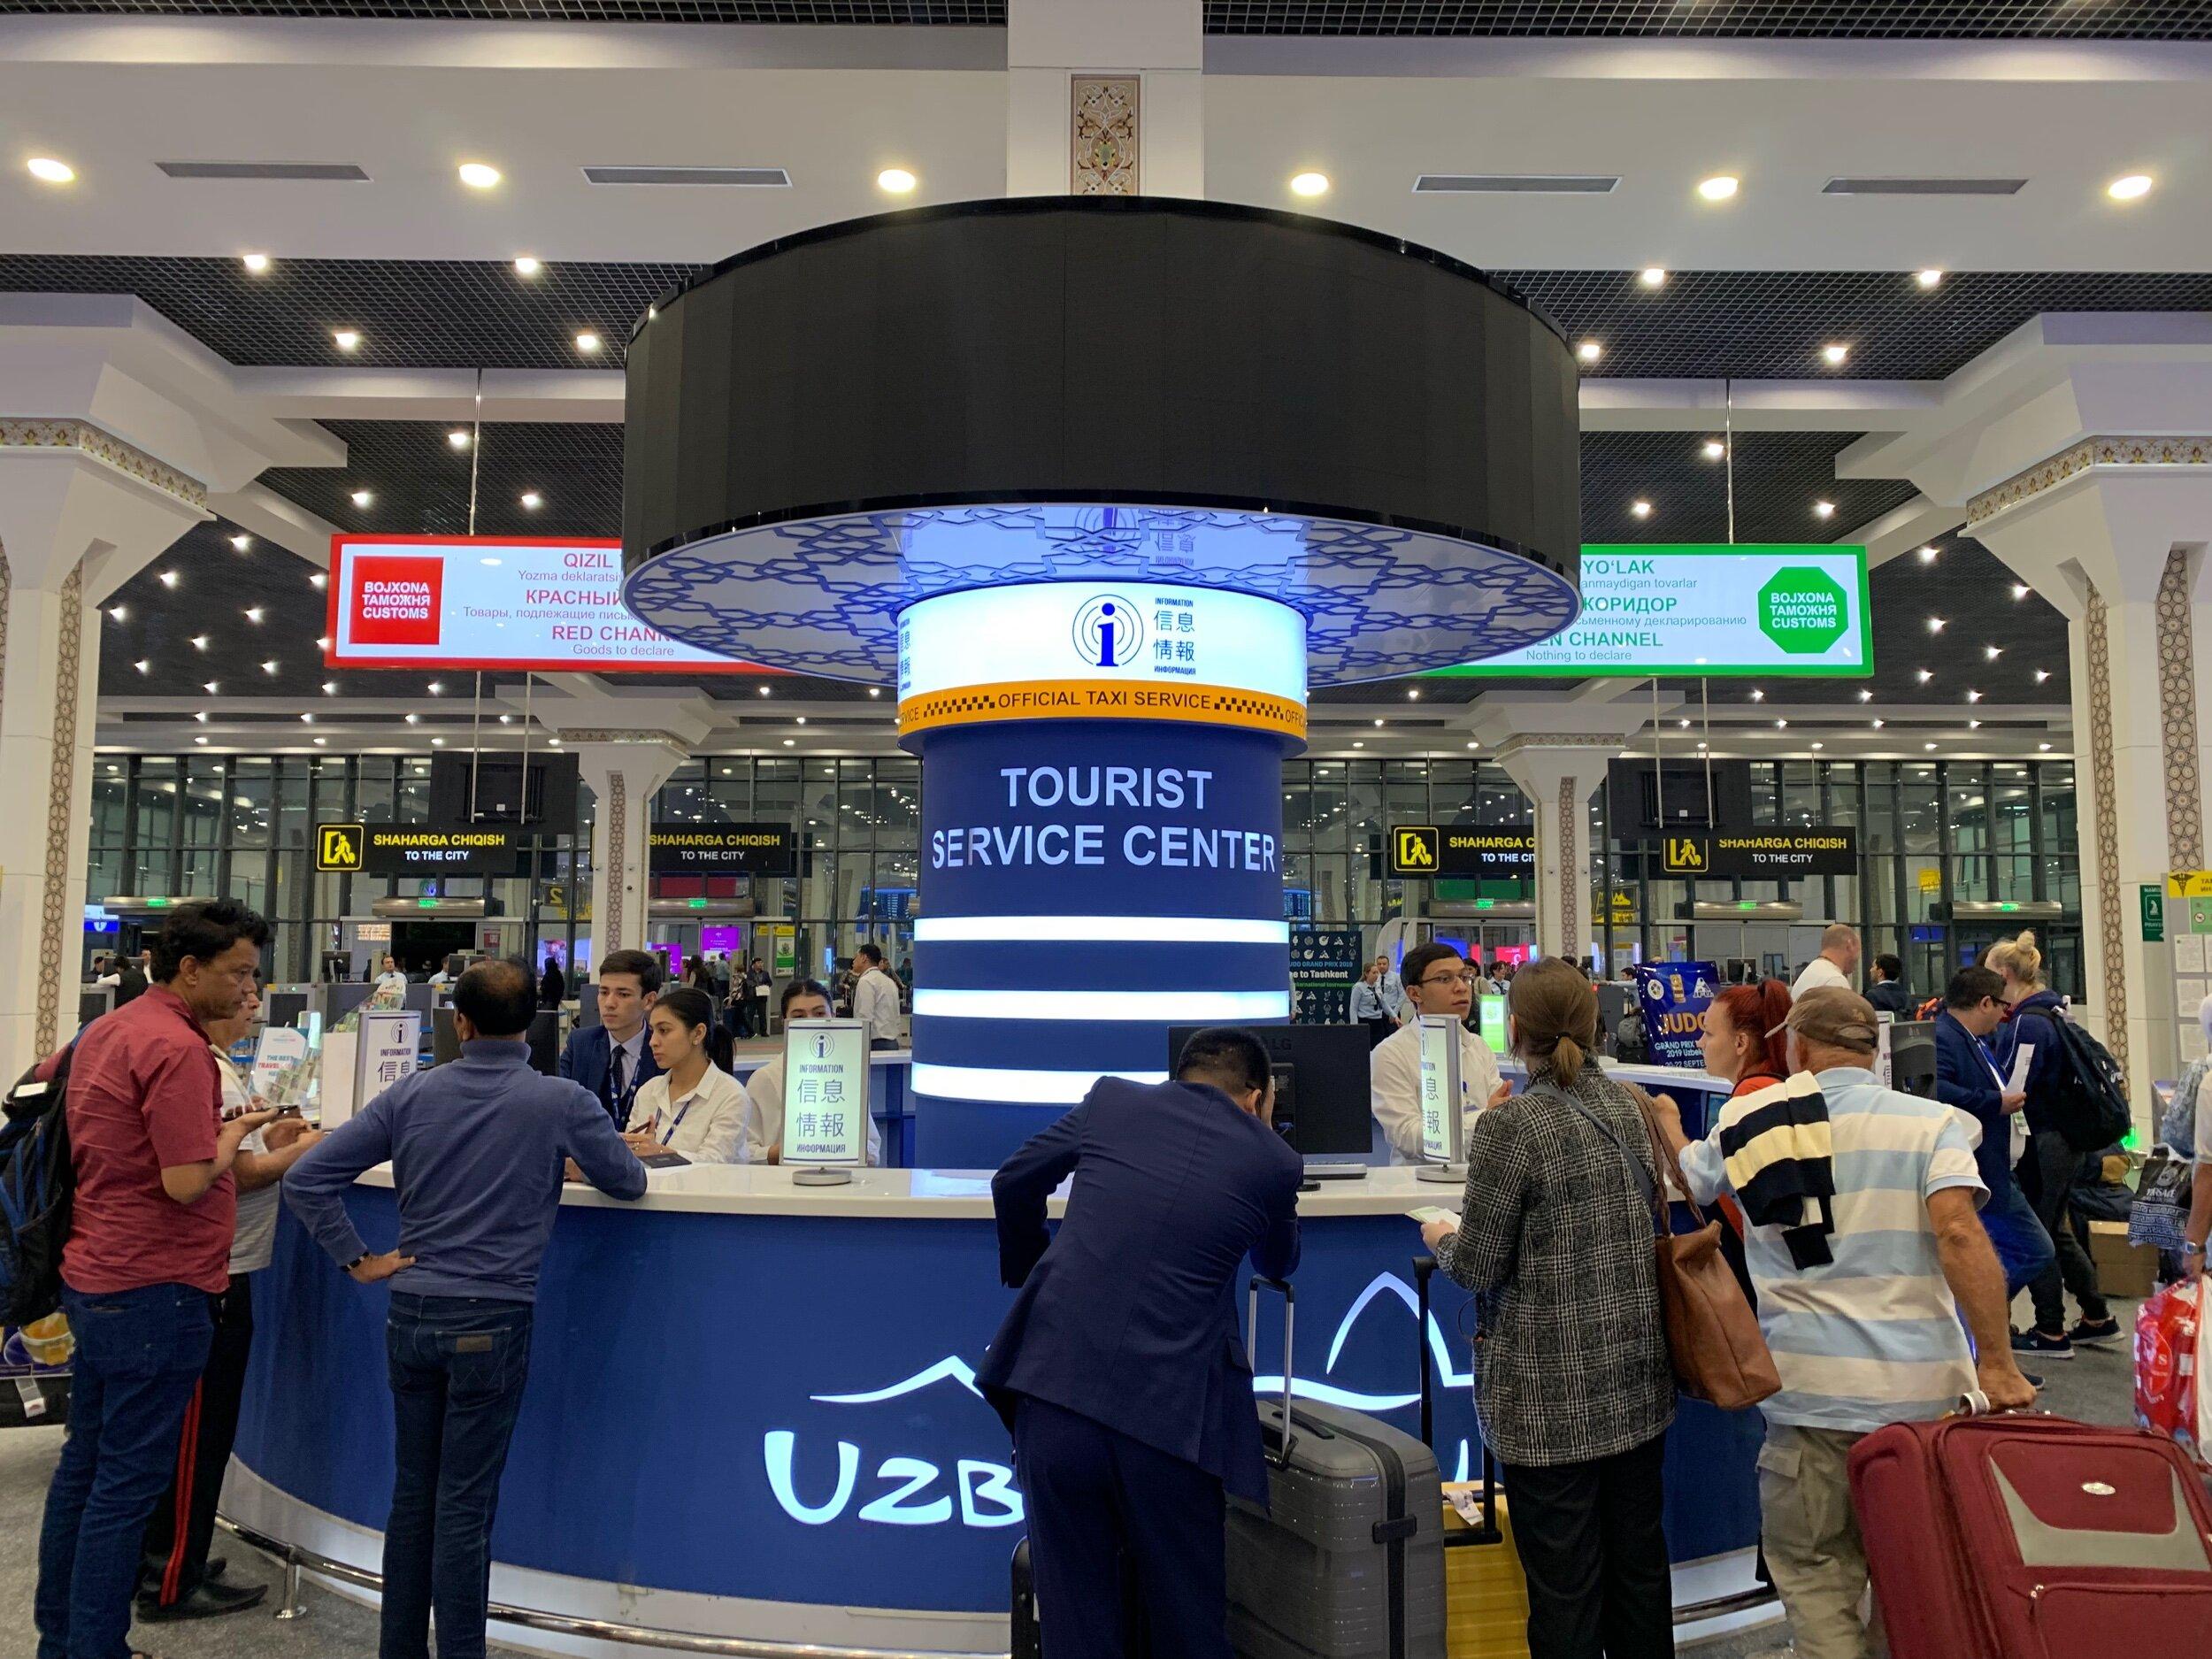 مكتب لخدمة السياح - في صالة استلام الأمتعة بمطار طشقند الدولي